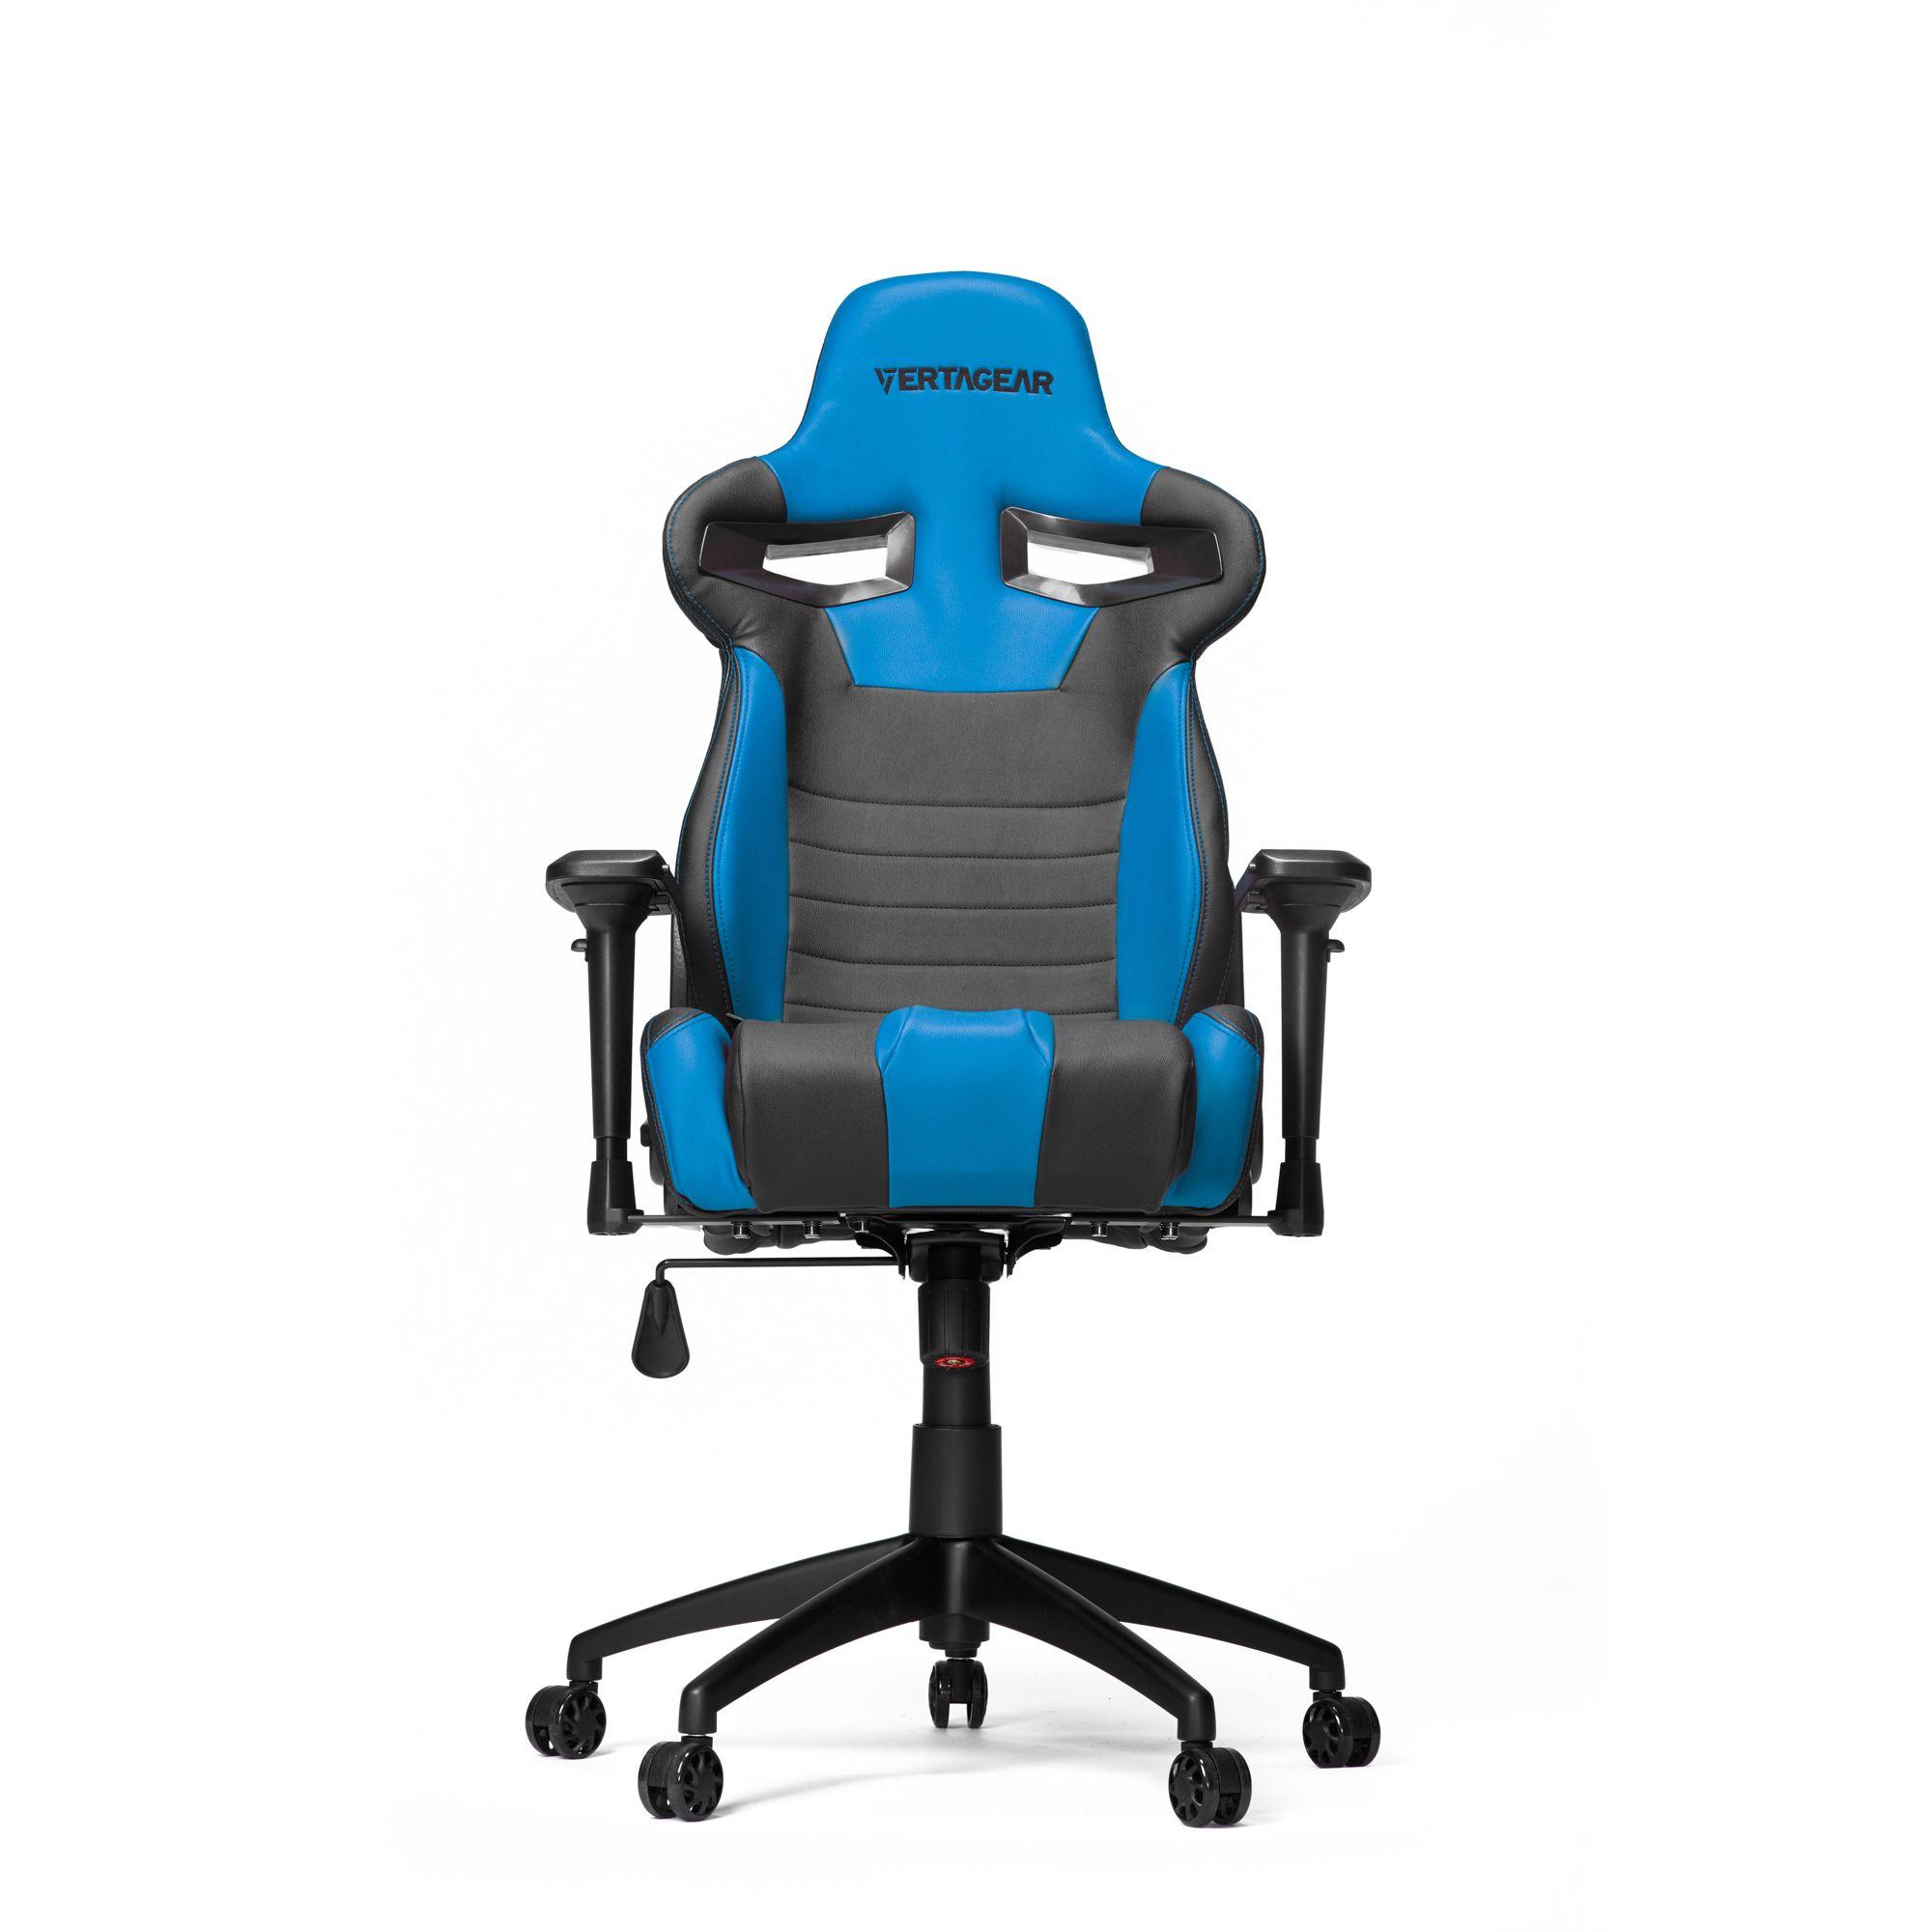 Vertagear Sl4000 Blue Office Chair Chair Gamer Chair